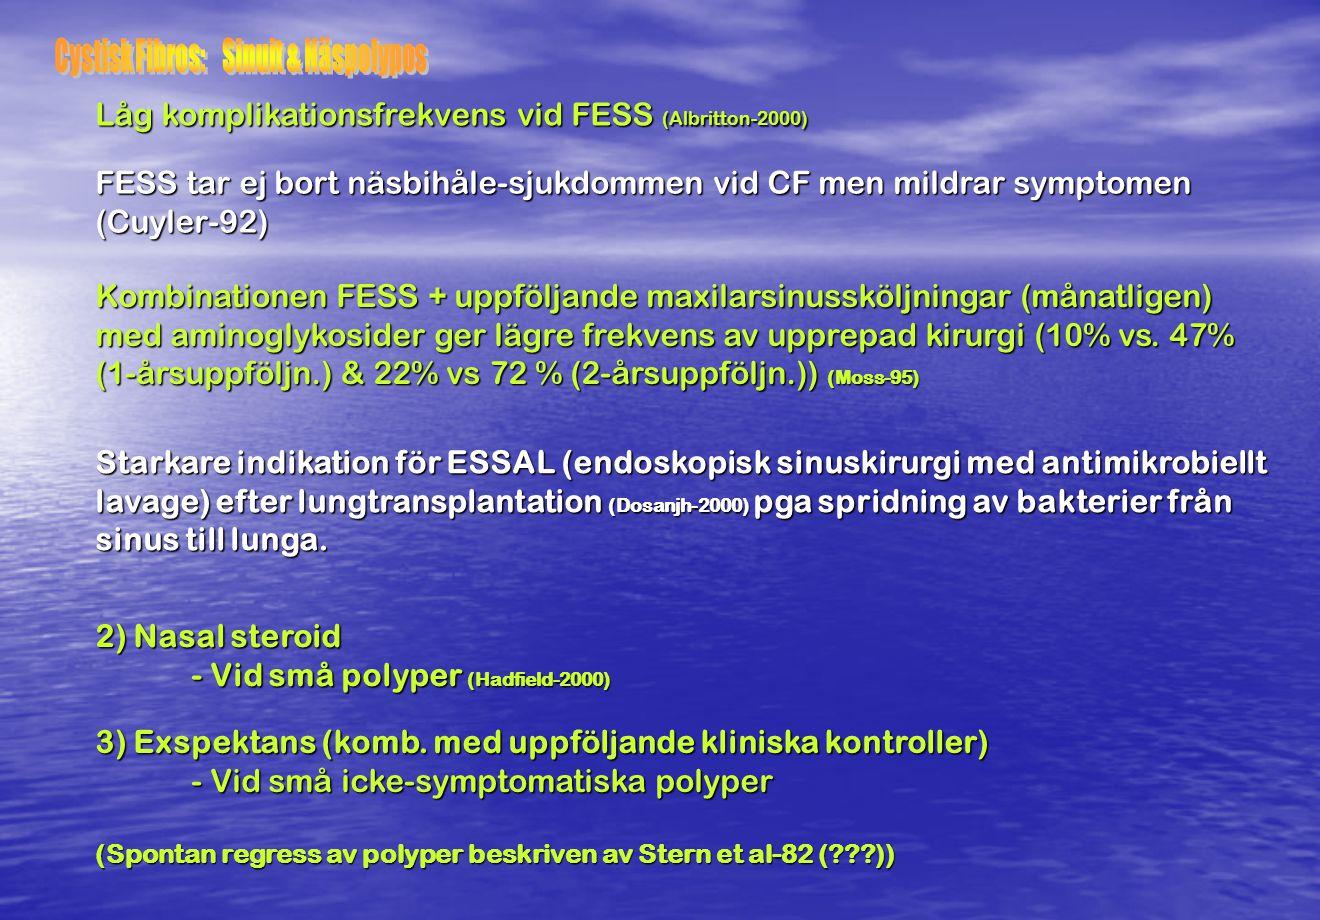 2) Nasal steroid - Vid små polyper (Hadfield-2000) 3) Exspektans (komb. med uppföljande kliniska kontroller) - Vid små icke-symptomatiska polyper (Spo